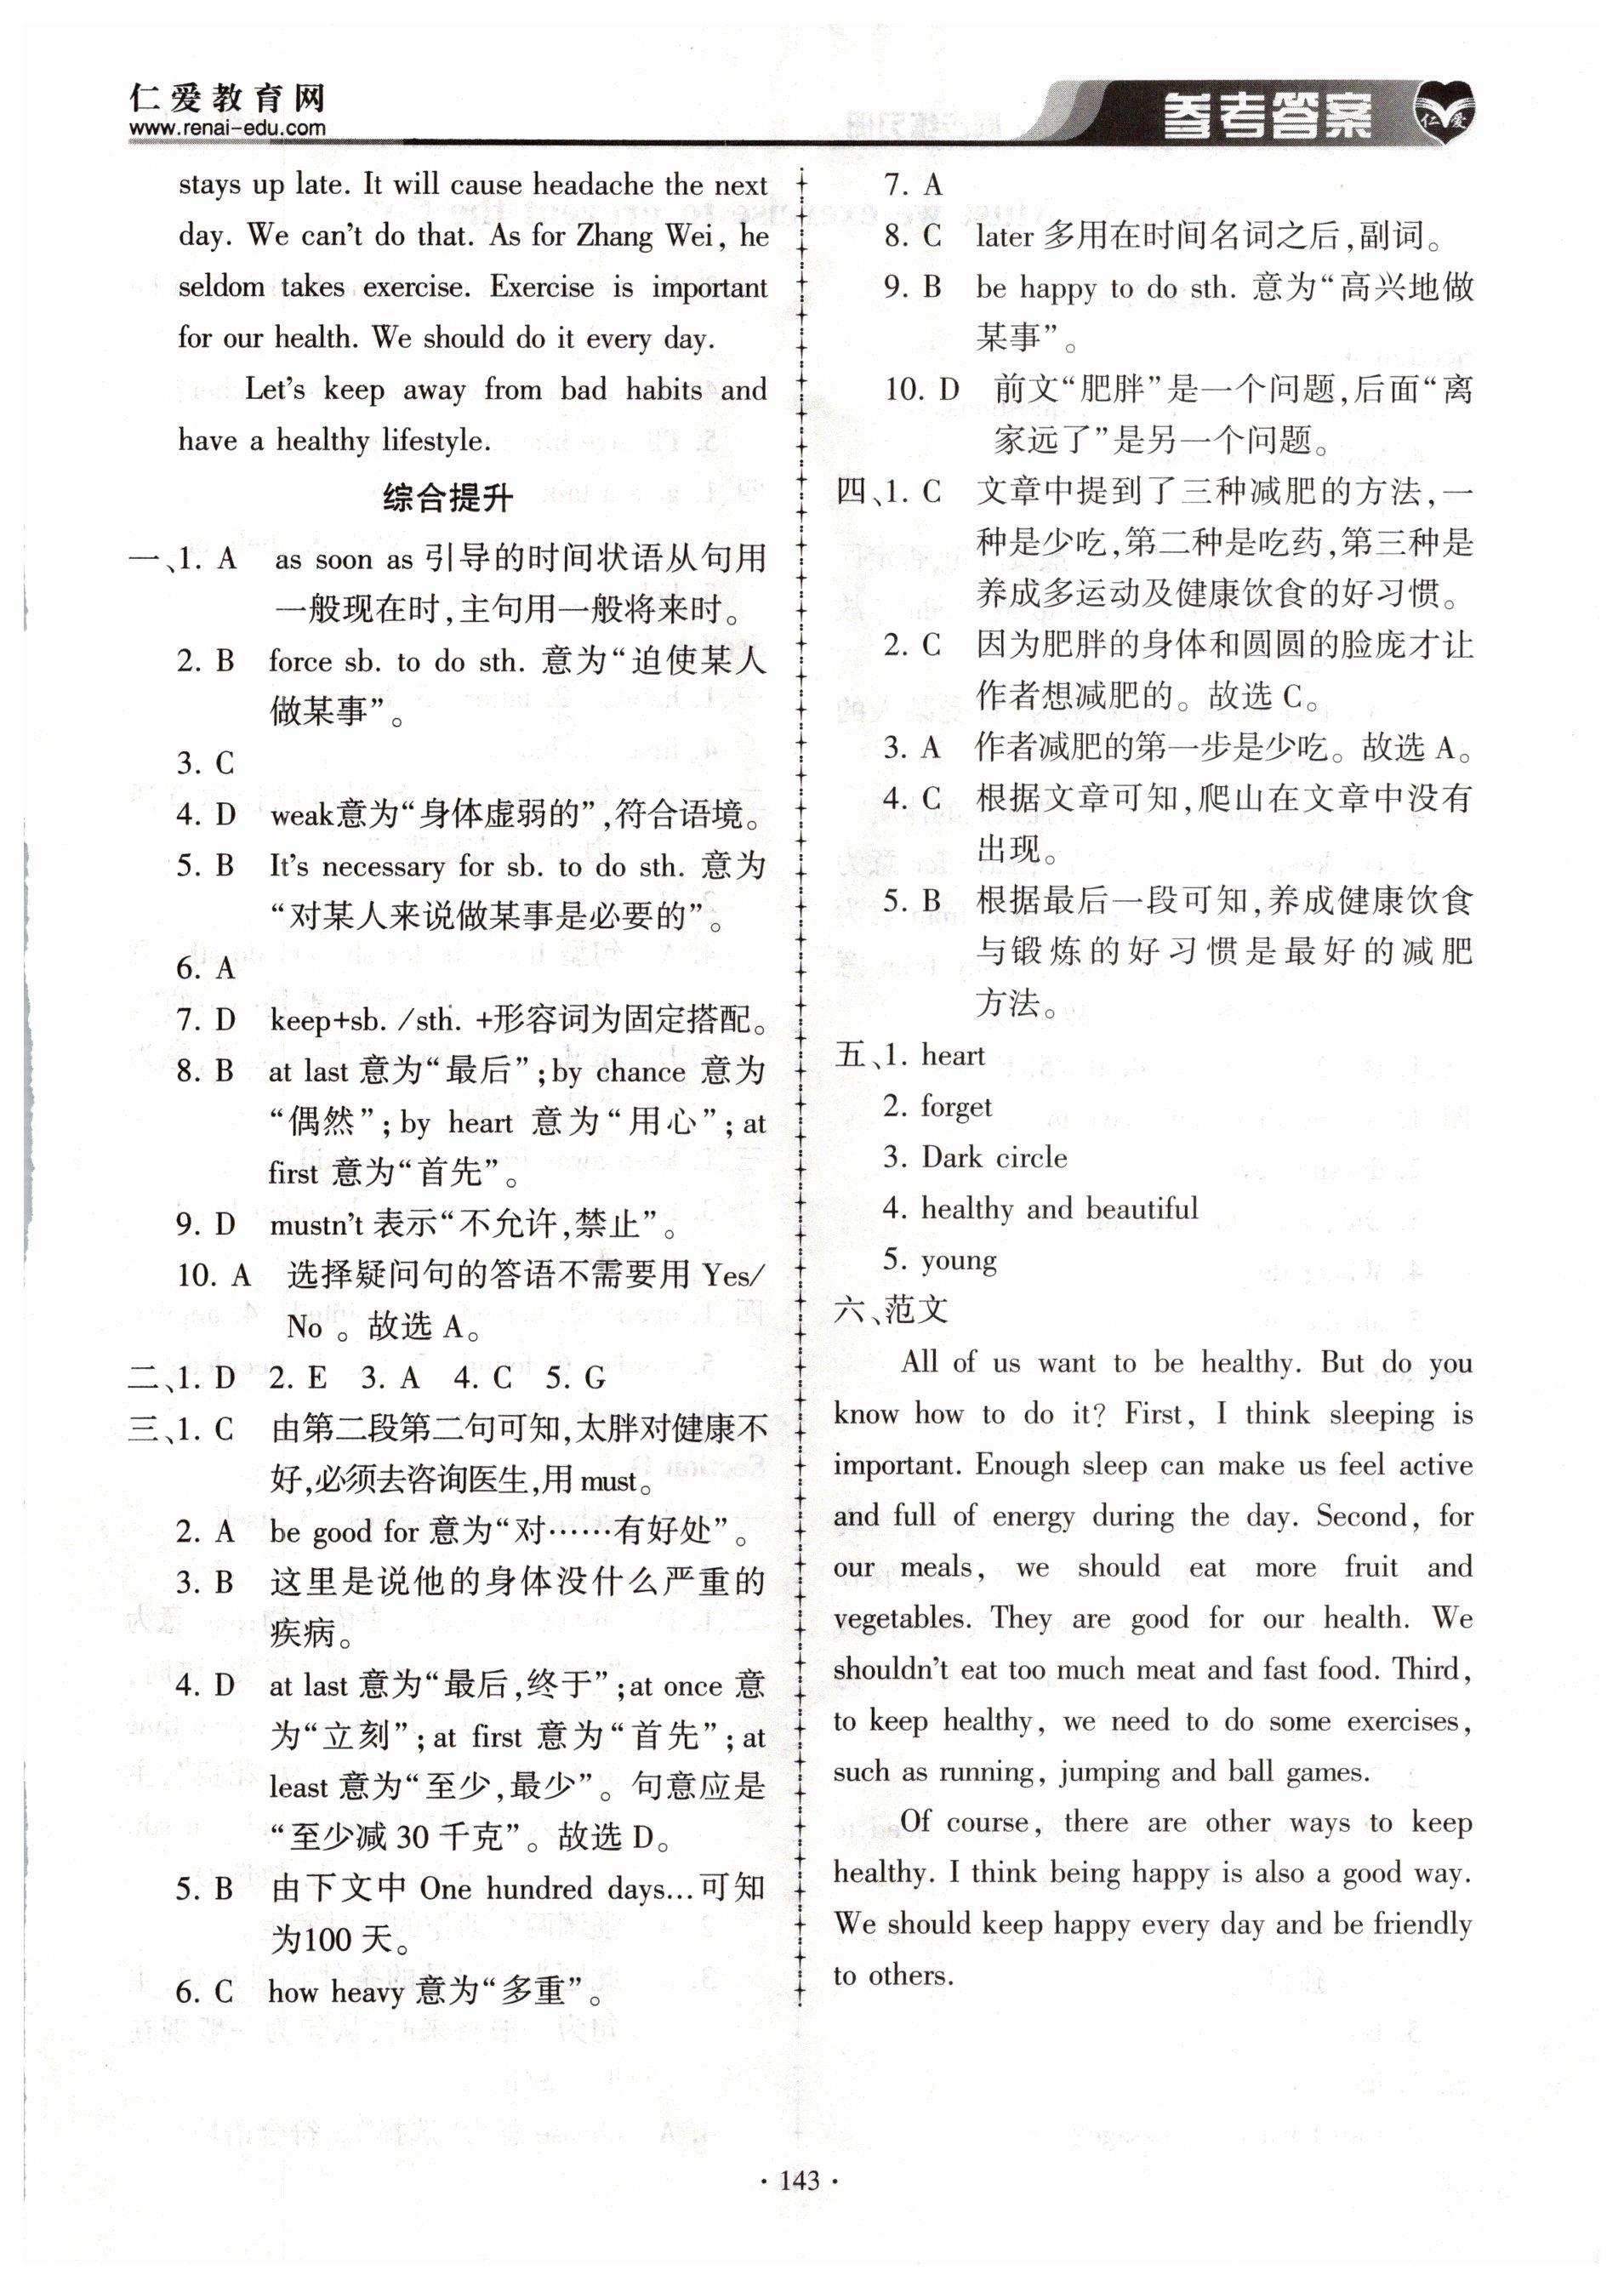 2018年仁爱英语同步练习册八年级上册仁爱版第13页